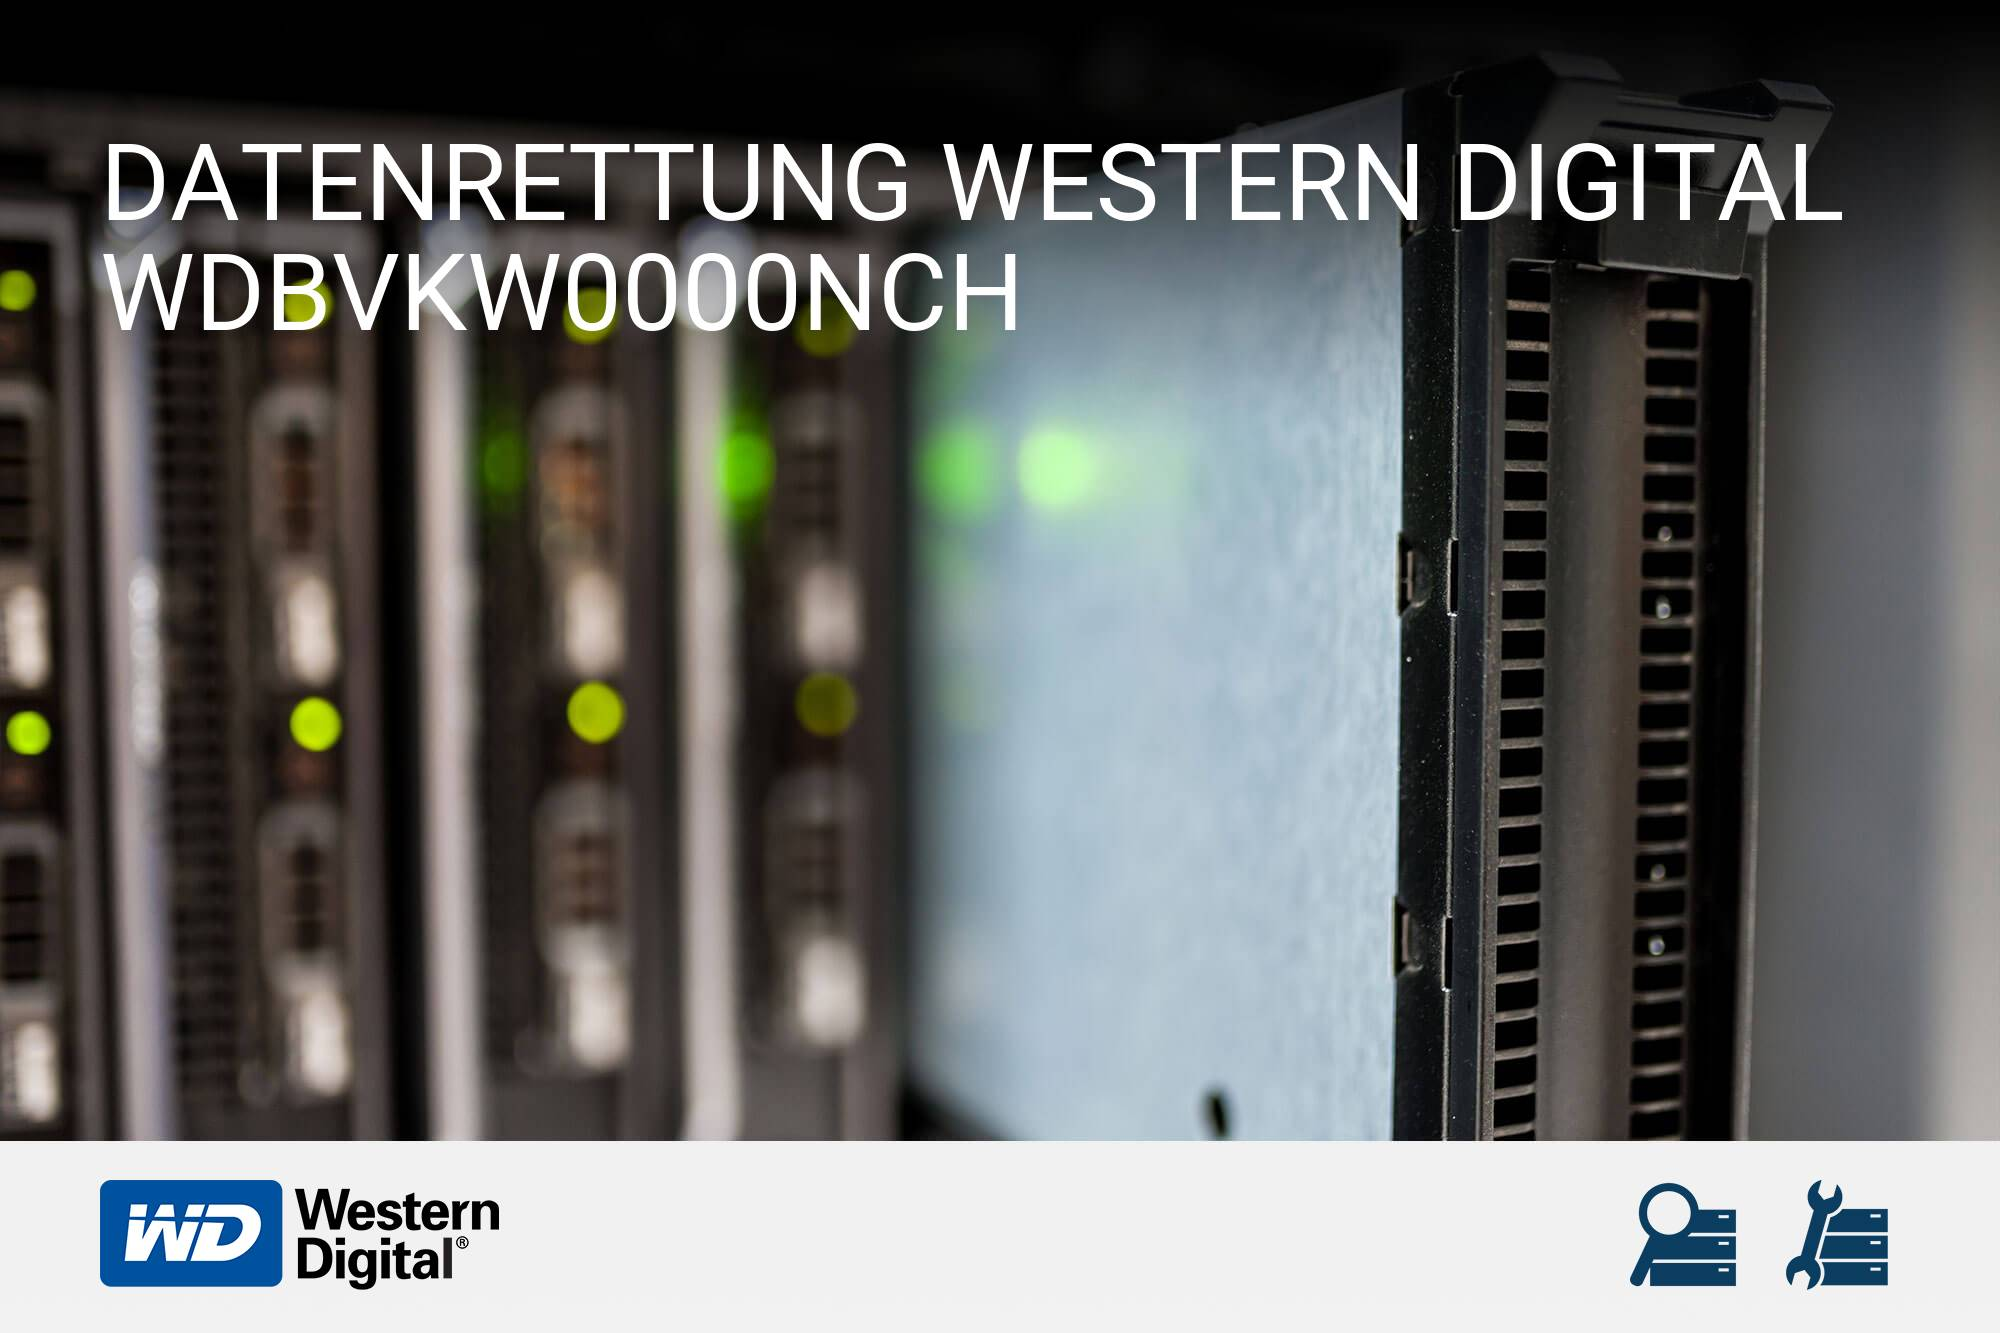 Western Digital WDBVKW0000NCH